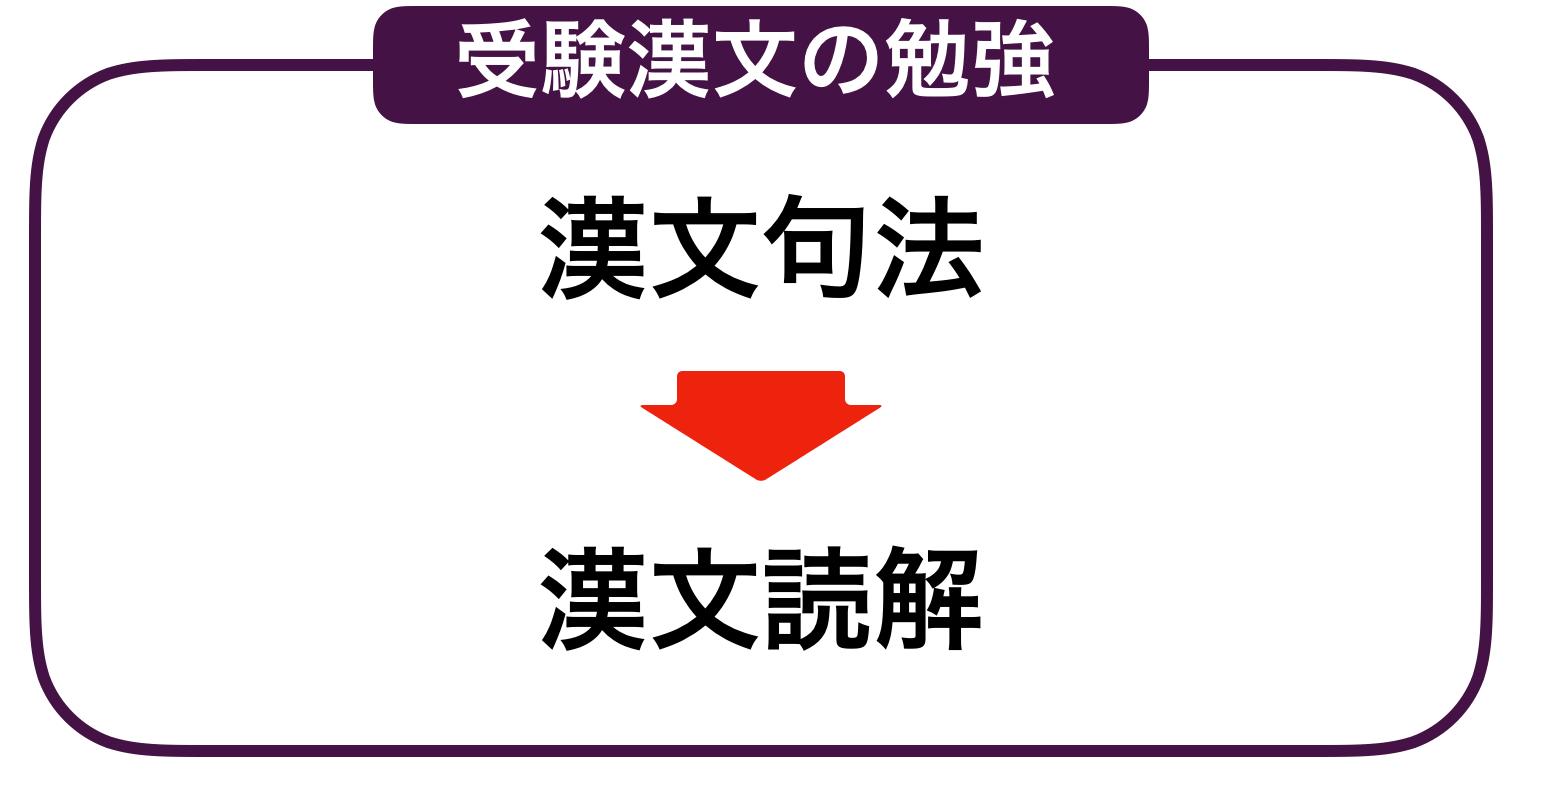 漢文の流れ